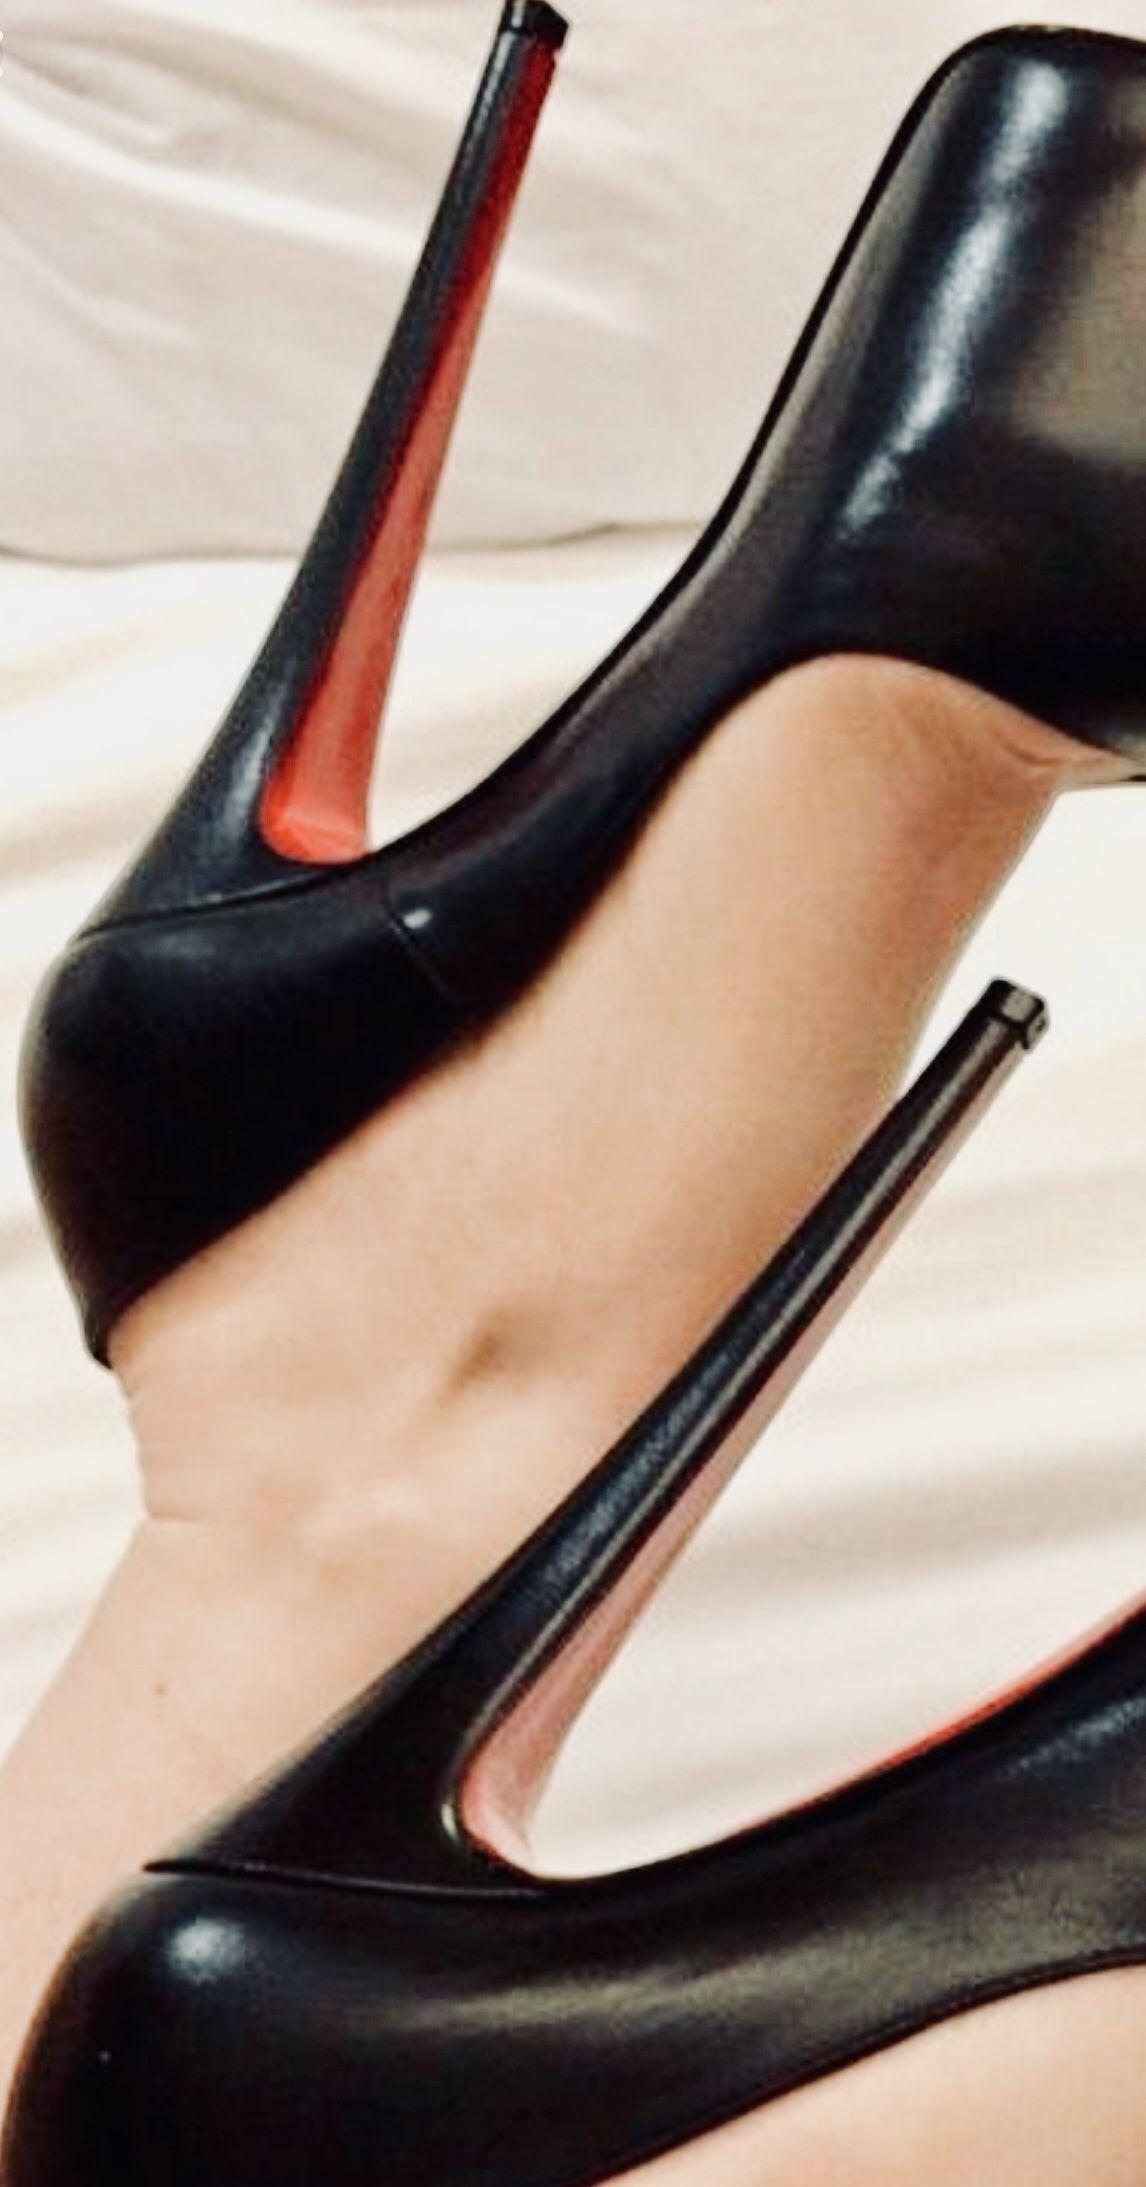 ba36ad65afb Pin by Ajaxx 77 on Sexy Shoes 2 | Heels, High heels, Hot high heels